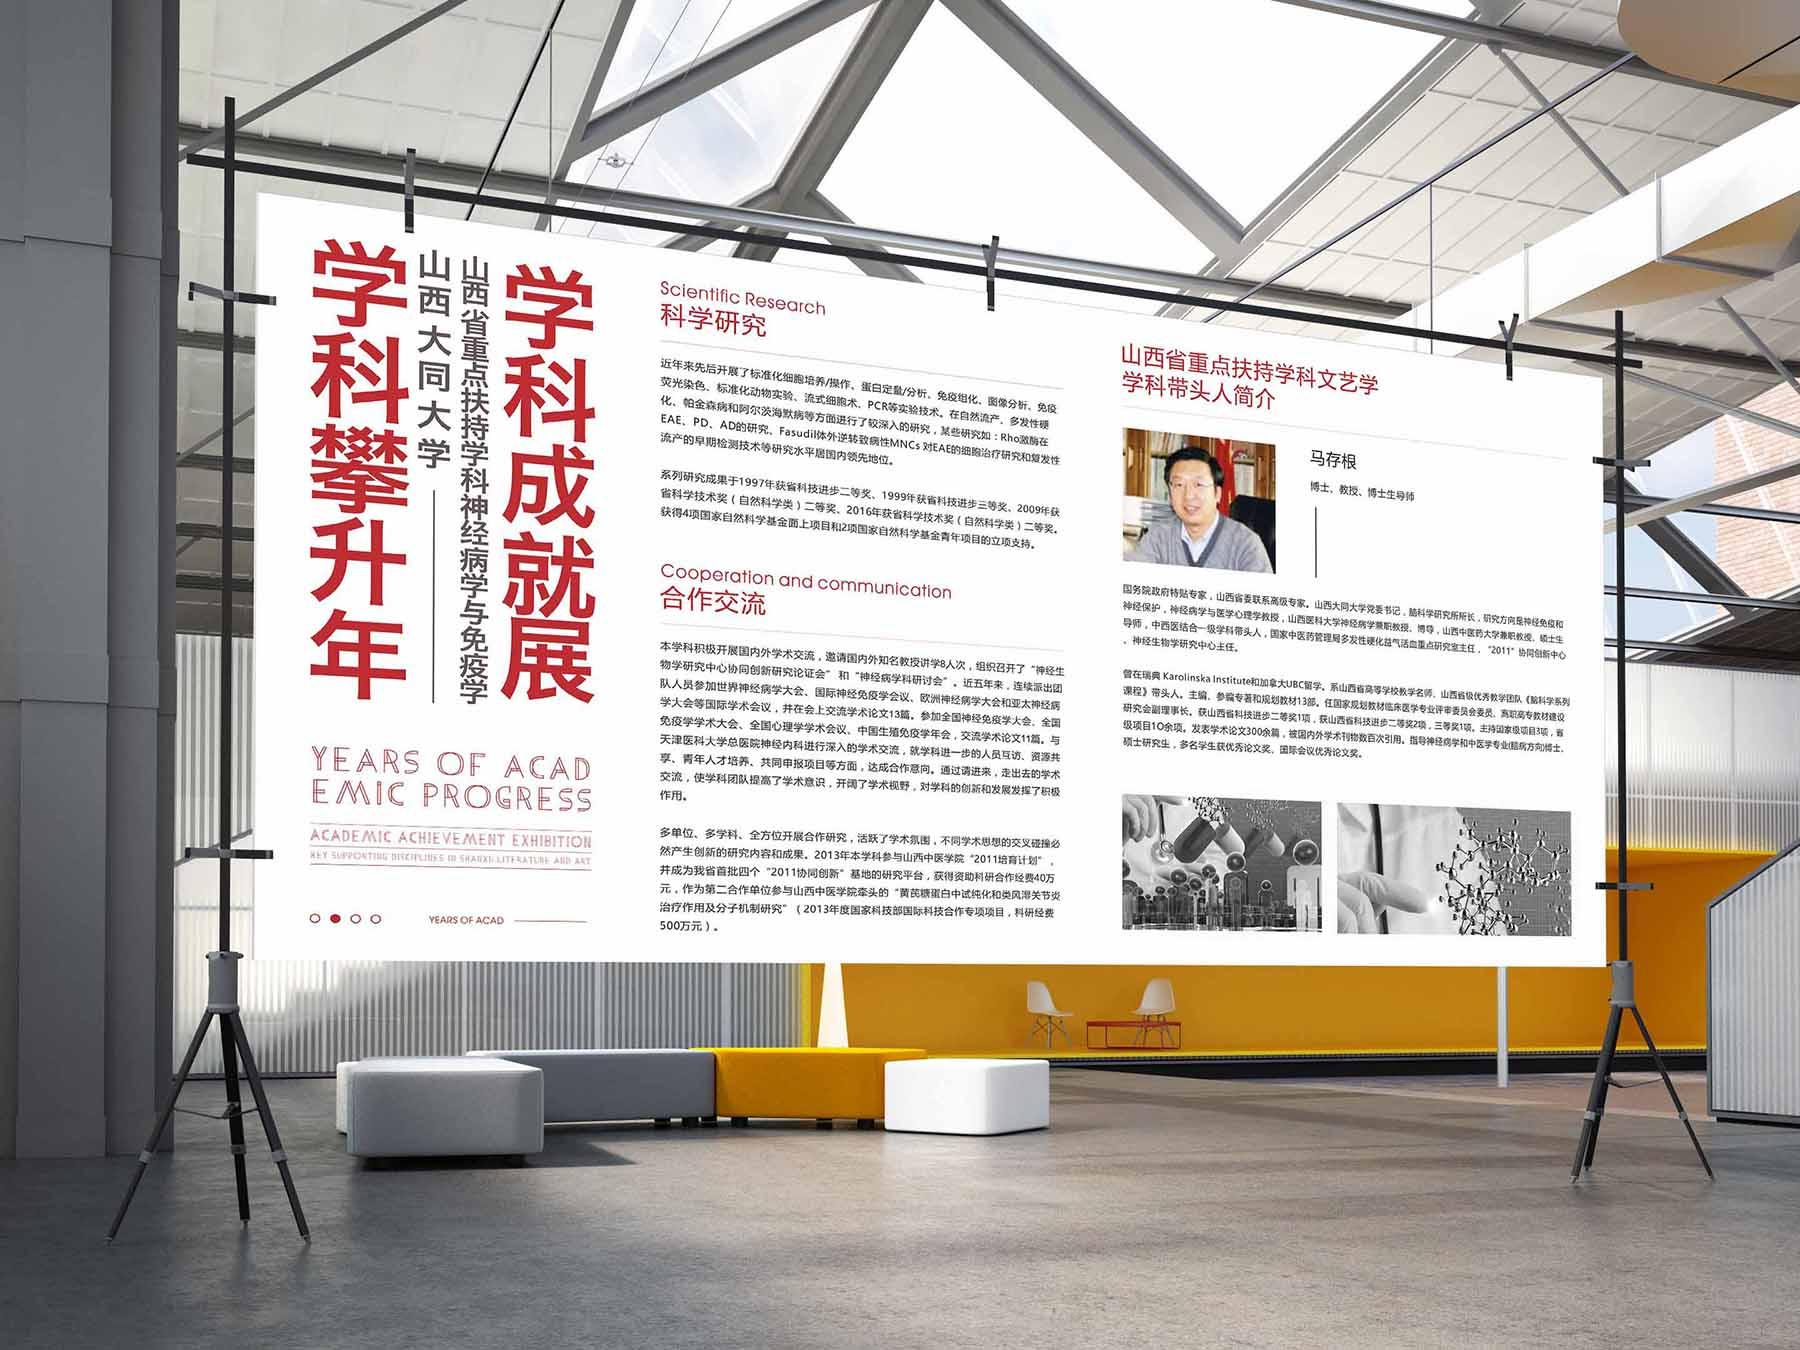 大同大学科学成就展展板设计